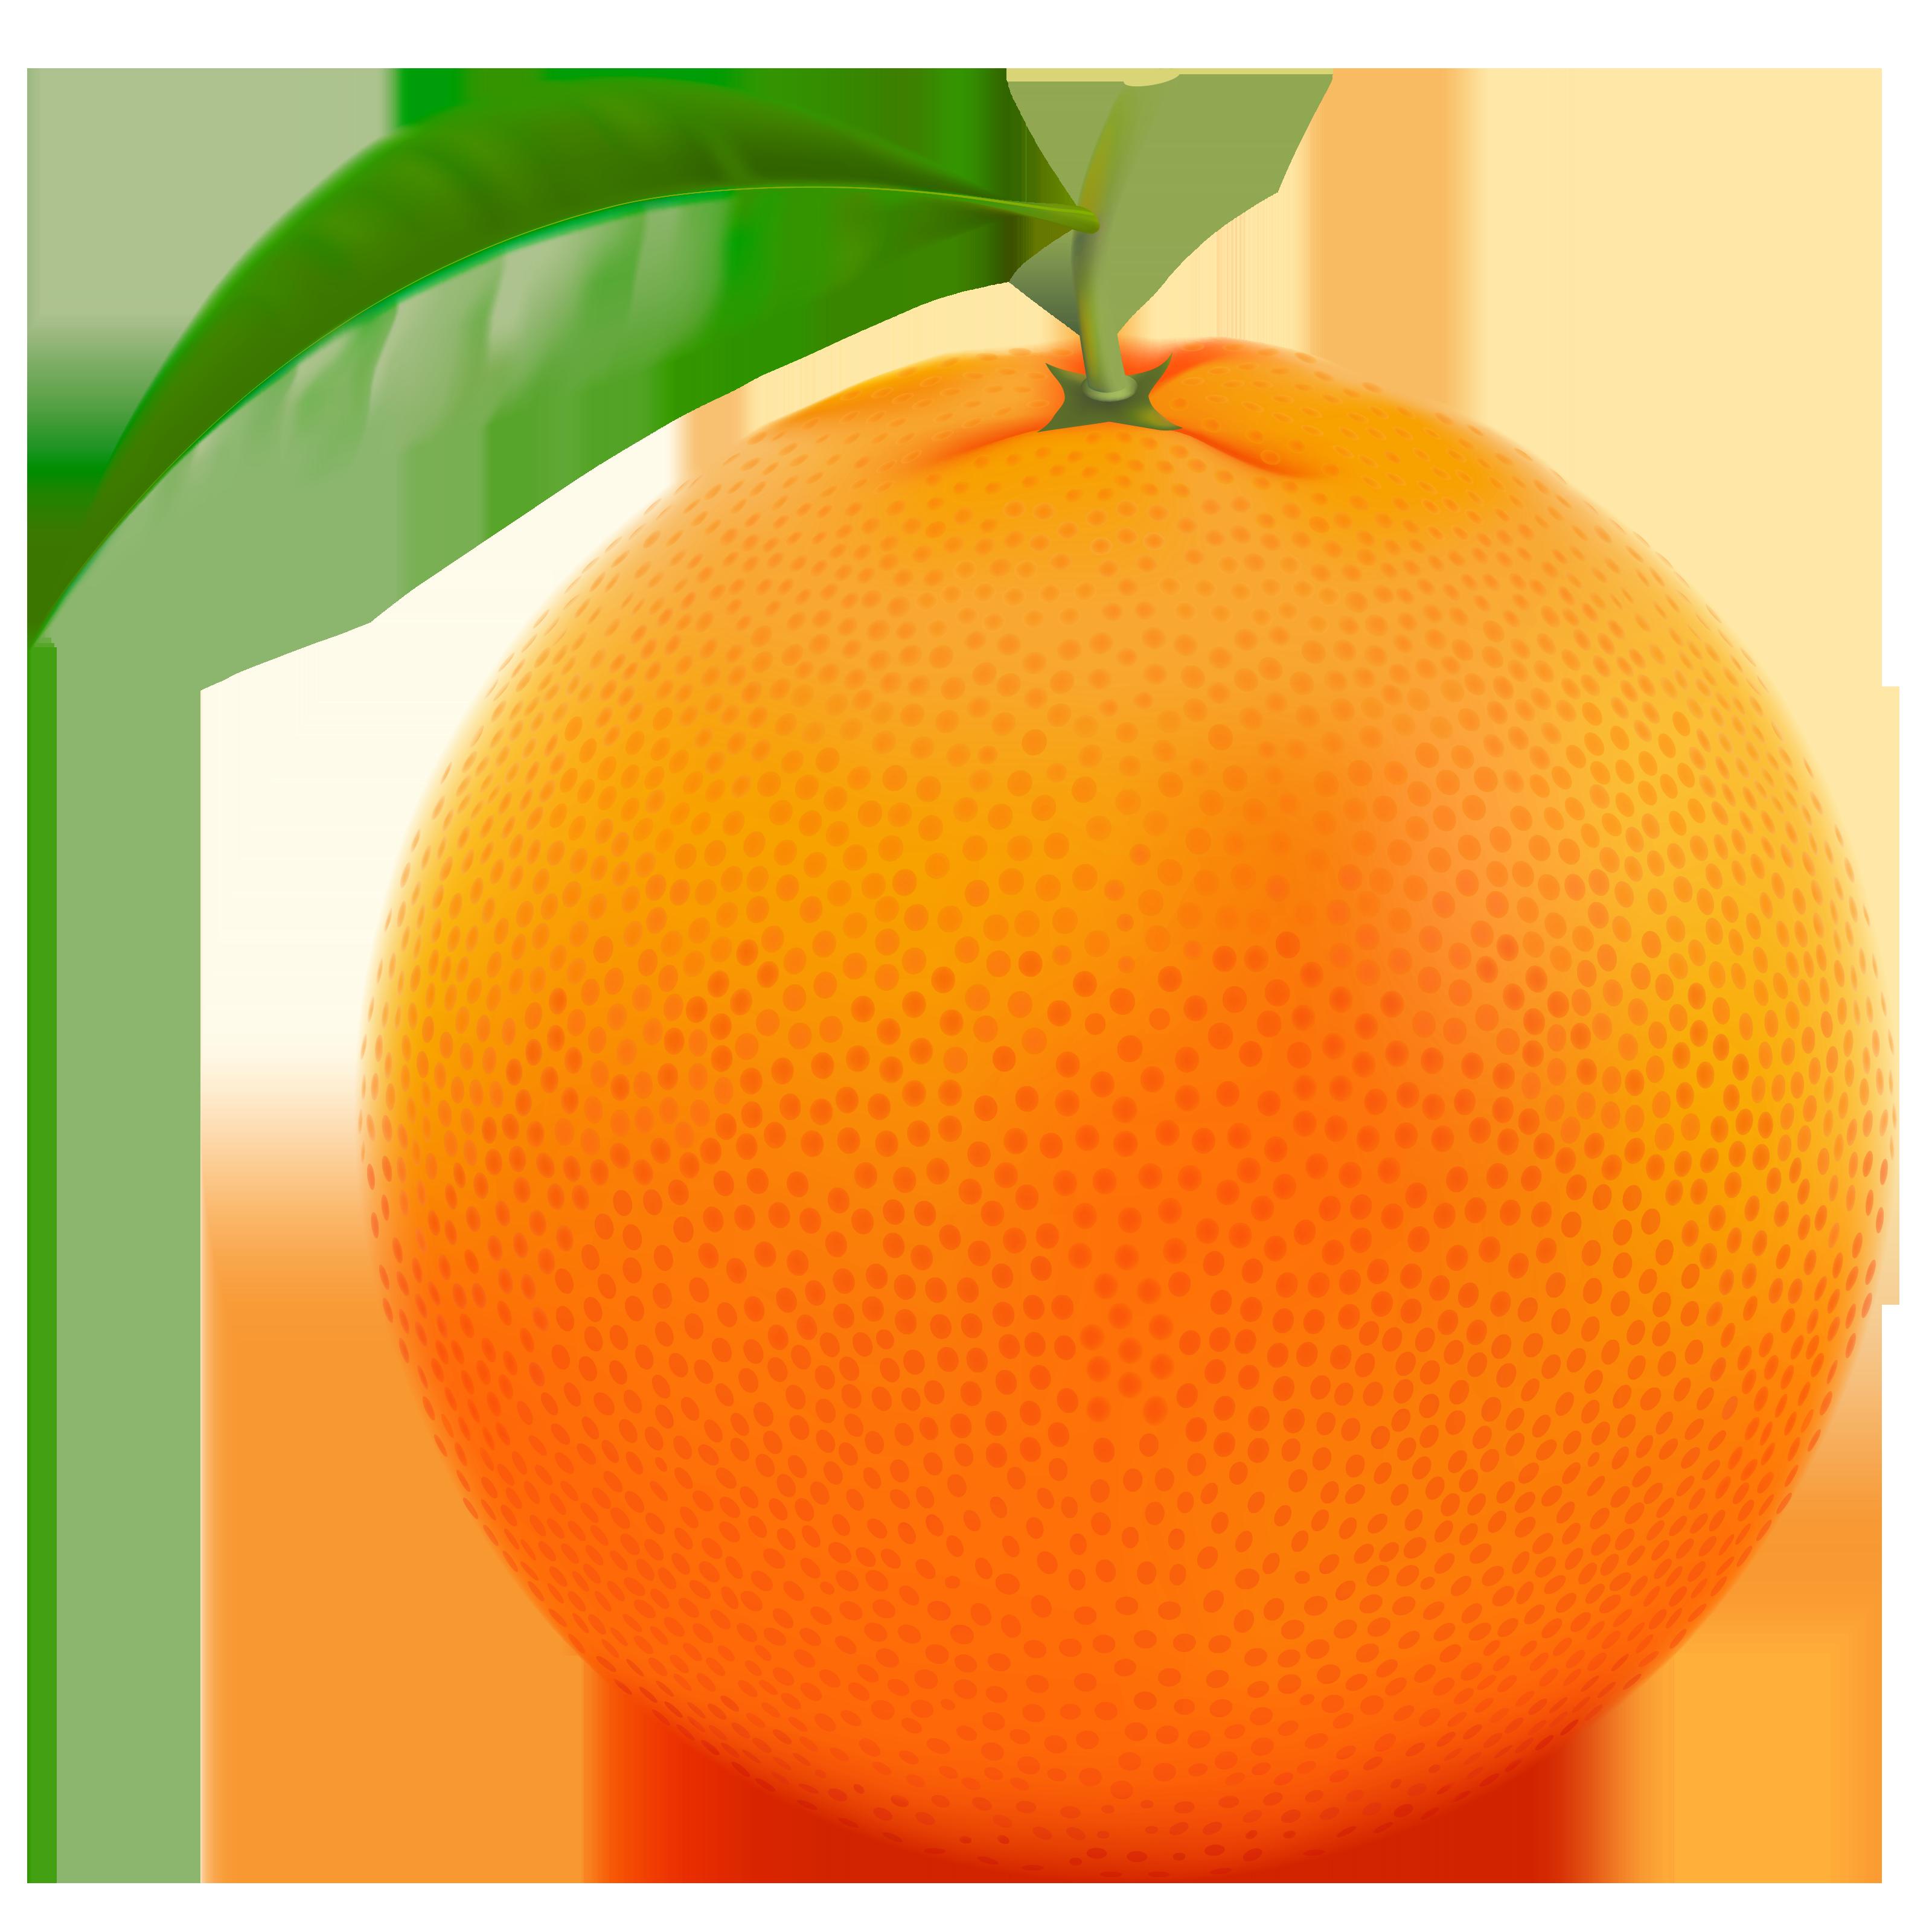 Oranges transparent background